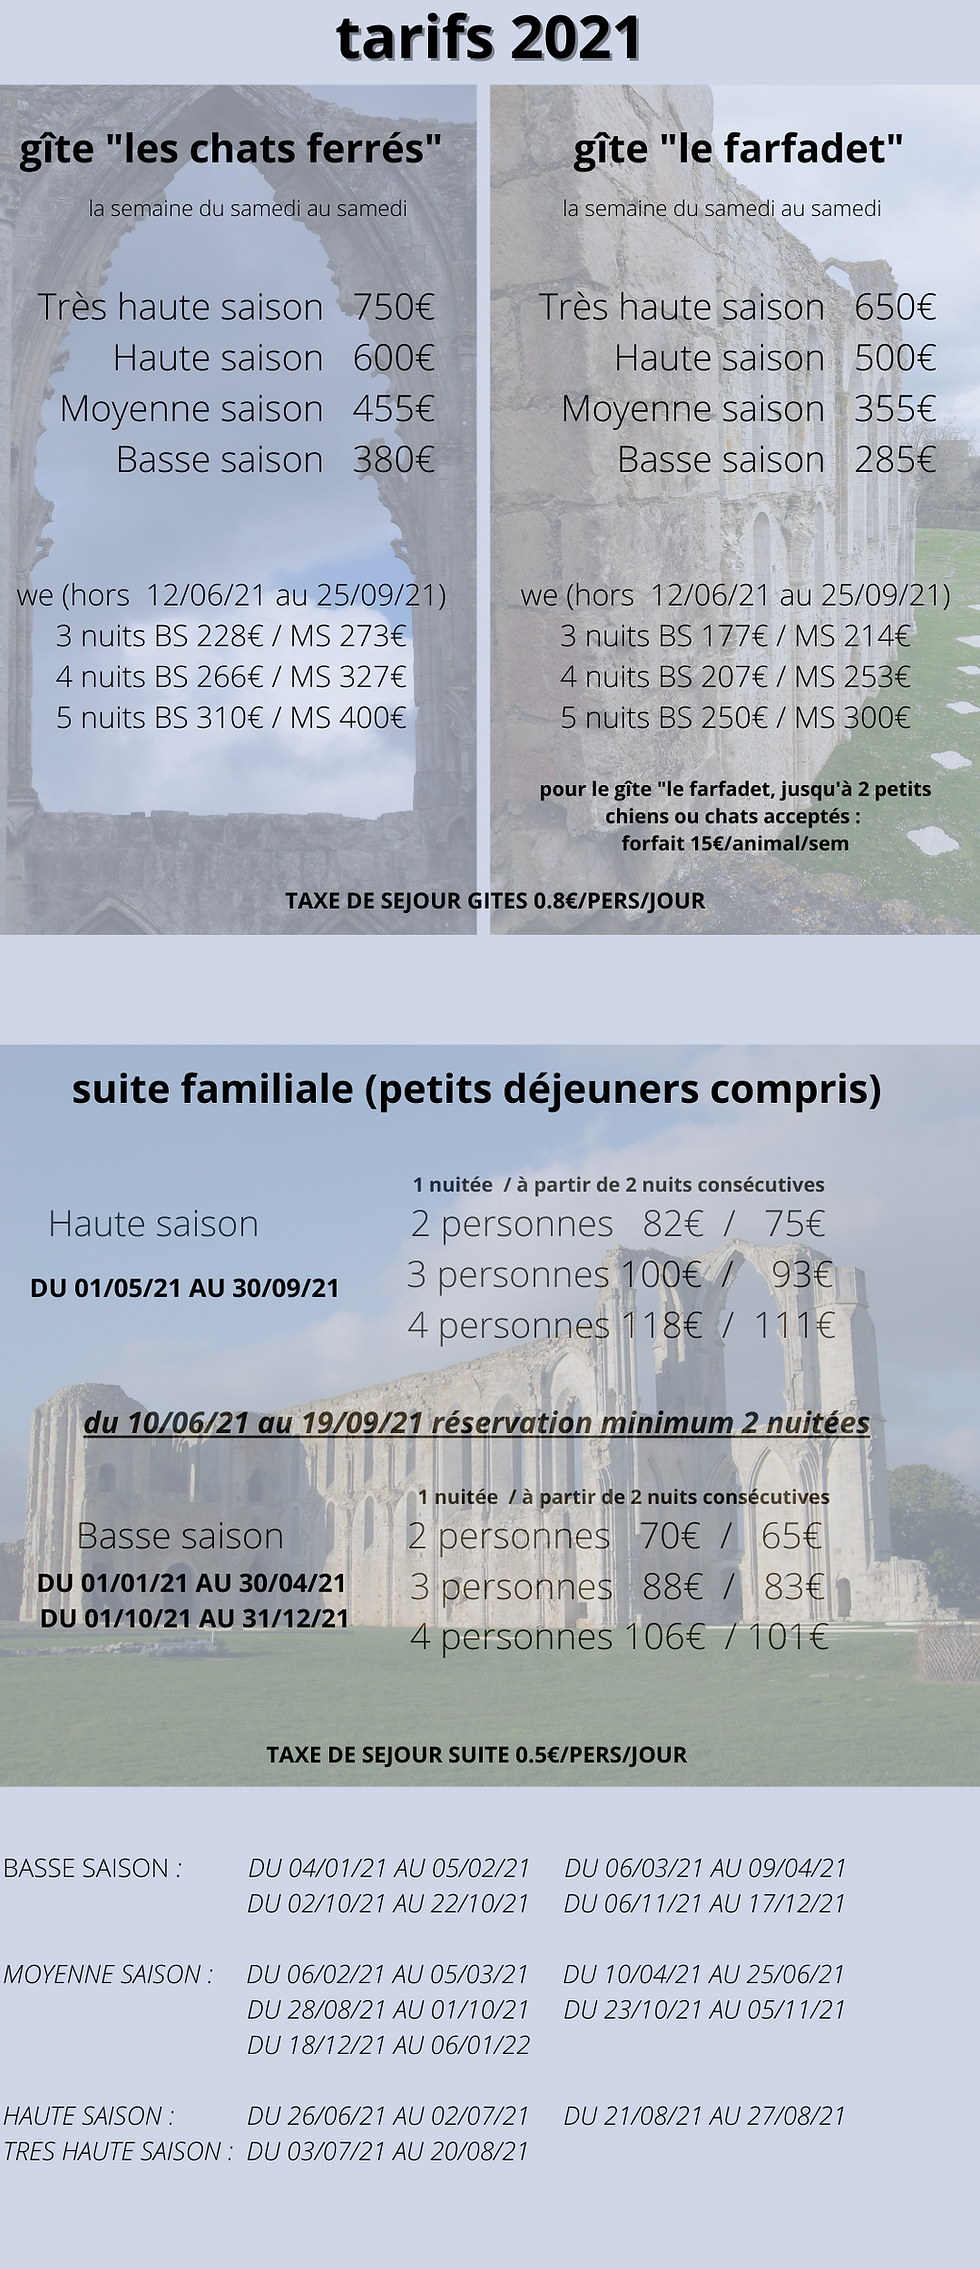 tarifs 2021 (1).png